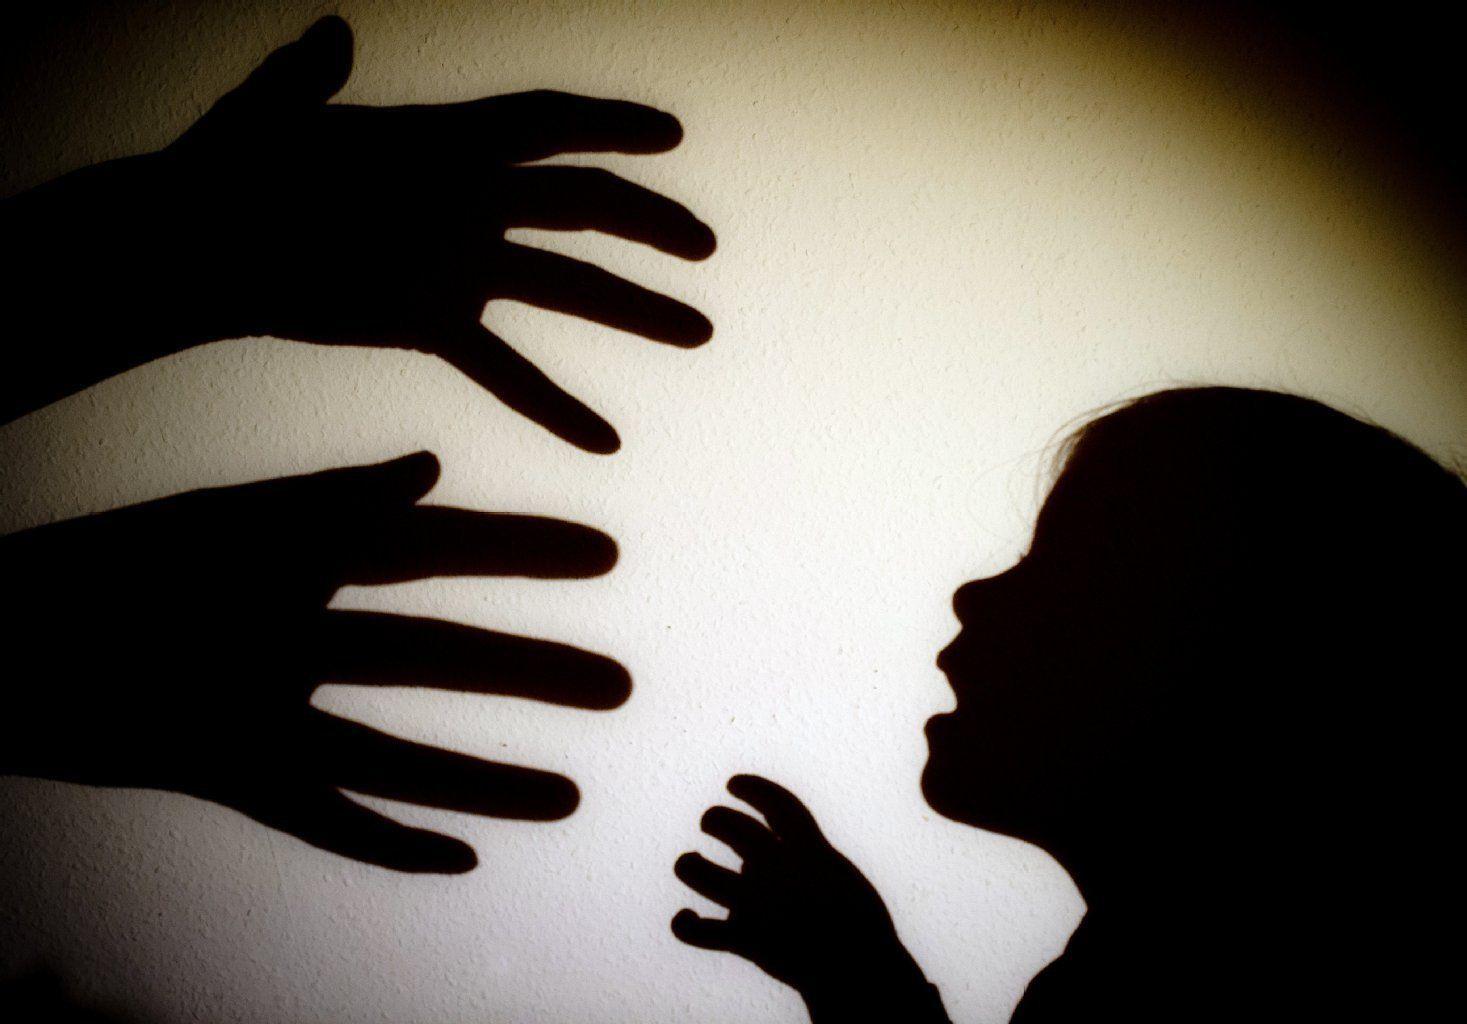 violenza su bambini